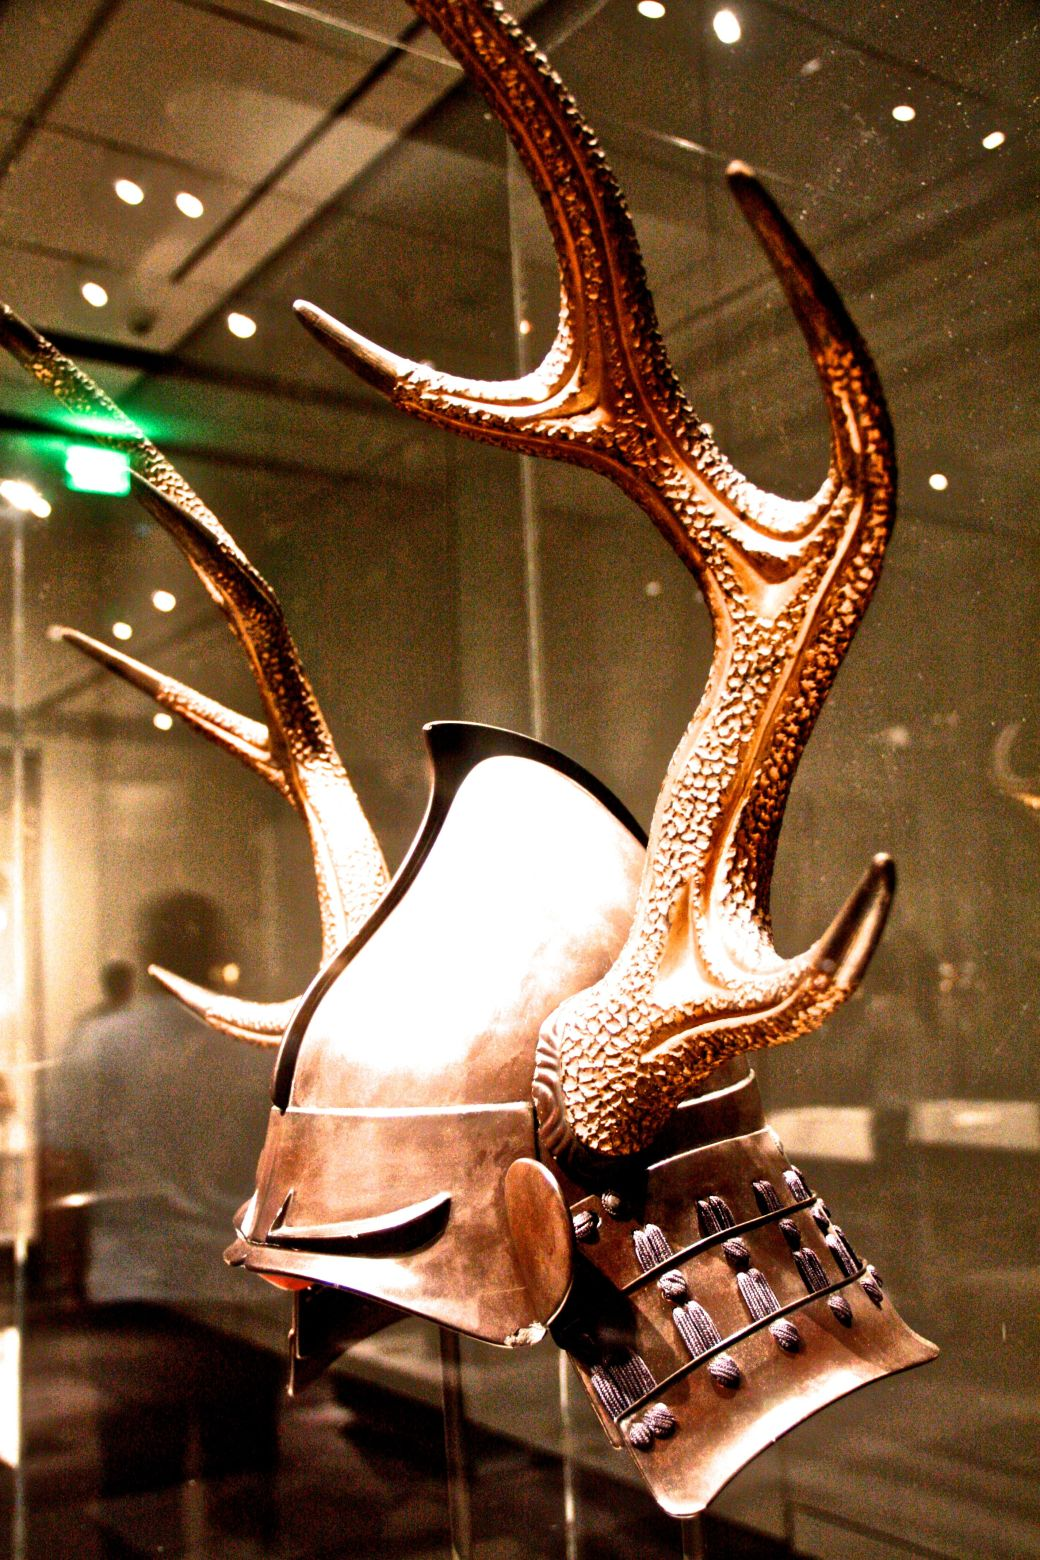 boston museum of fine arts samurai exhibit helmet with the horns